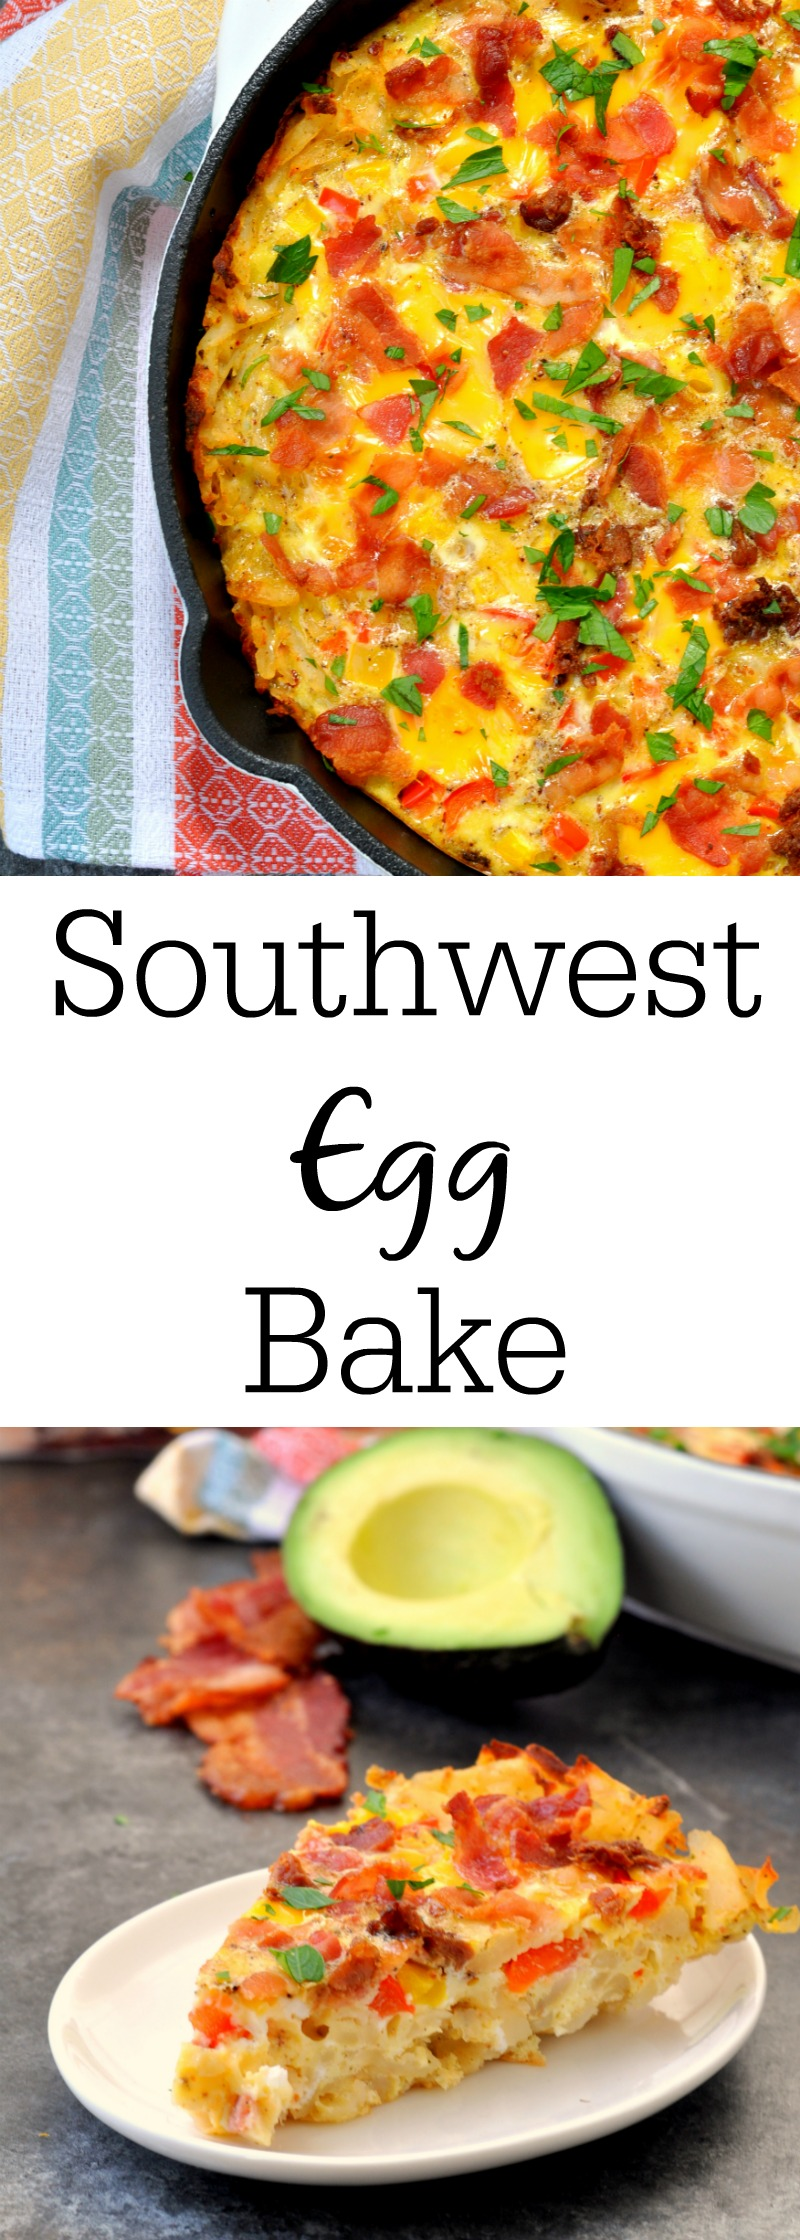 ... southwestern egg casserole southwestern breakfast casserole recipe key